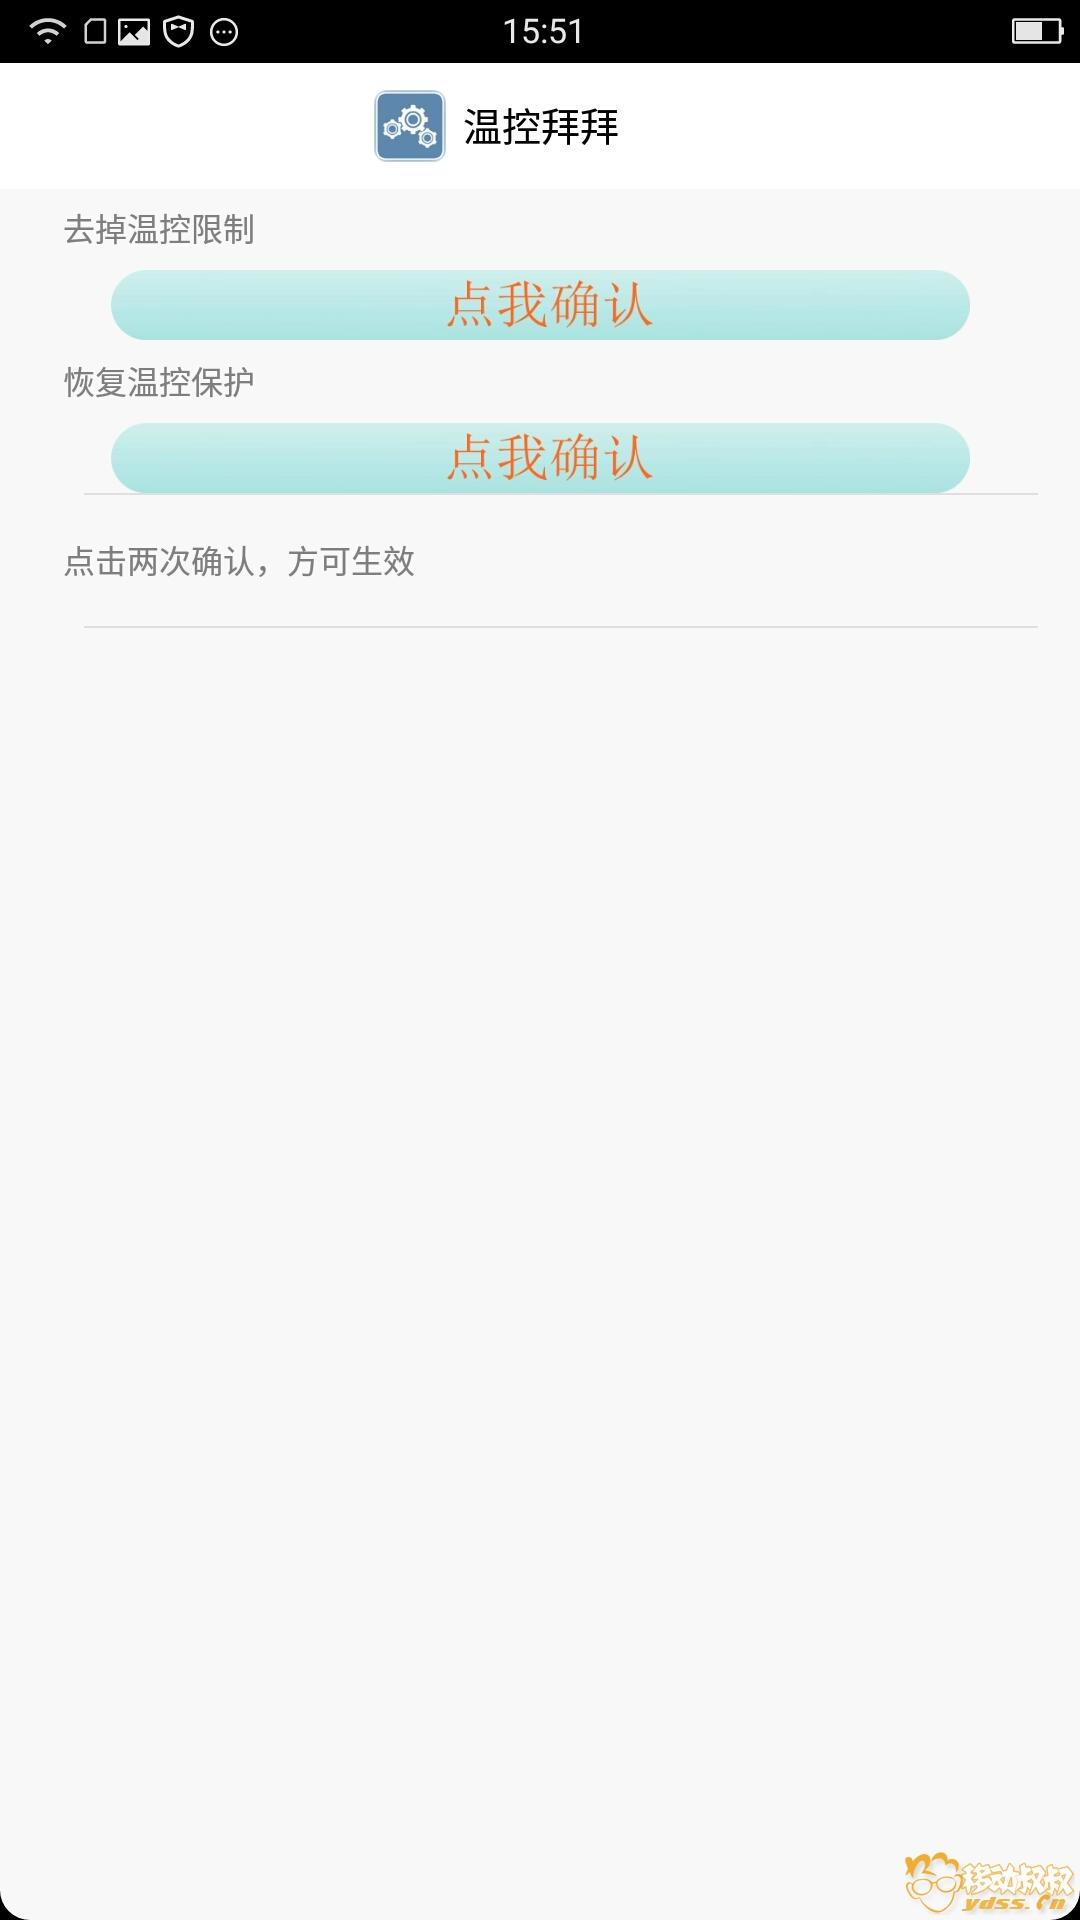 Screenshot_20180409-155127.jpg